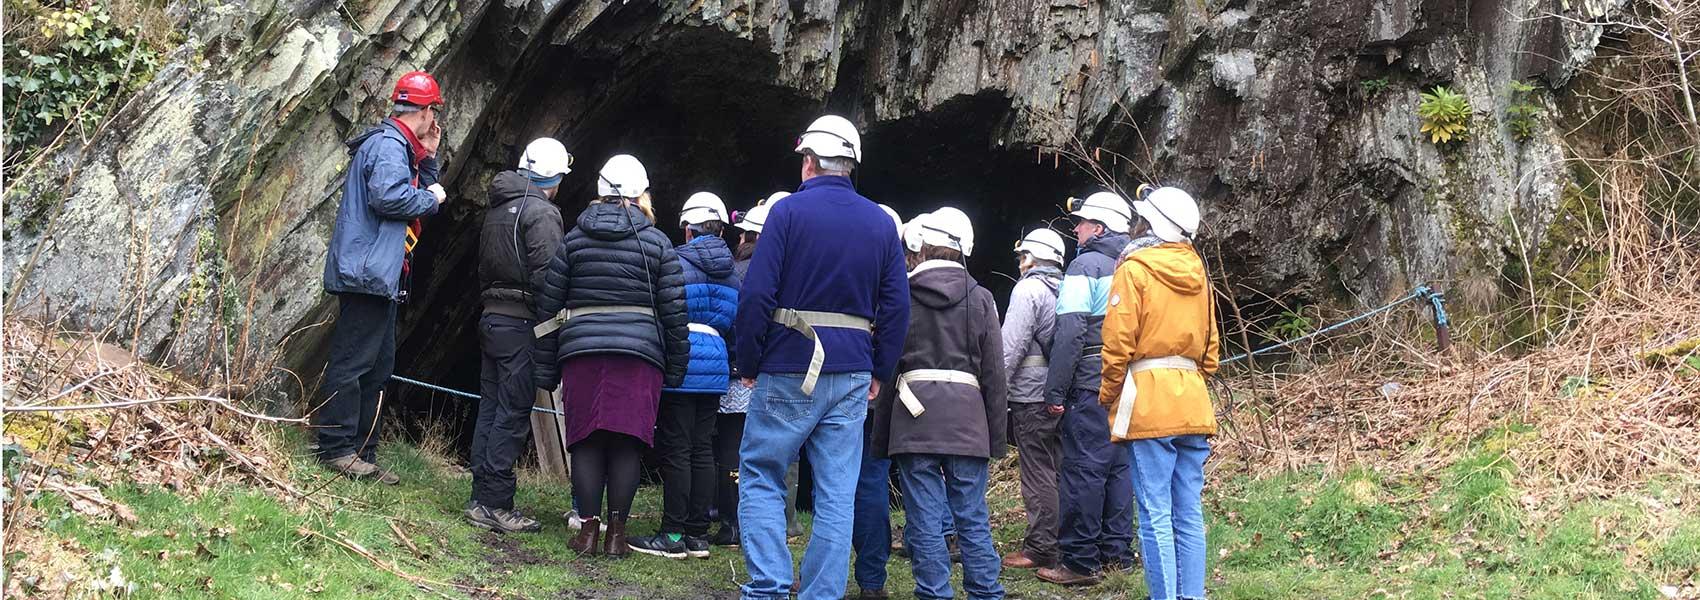 Dolaicothi Gold Mines - the tour